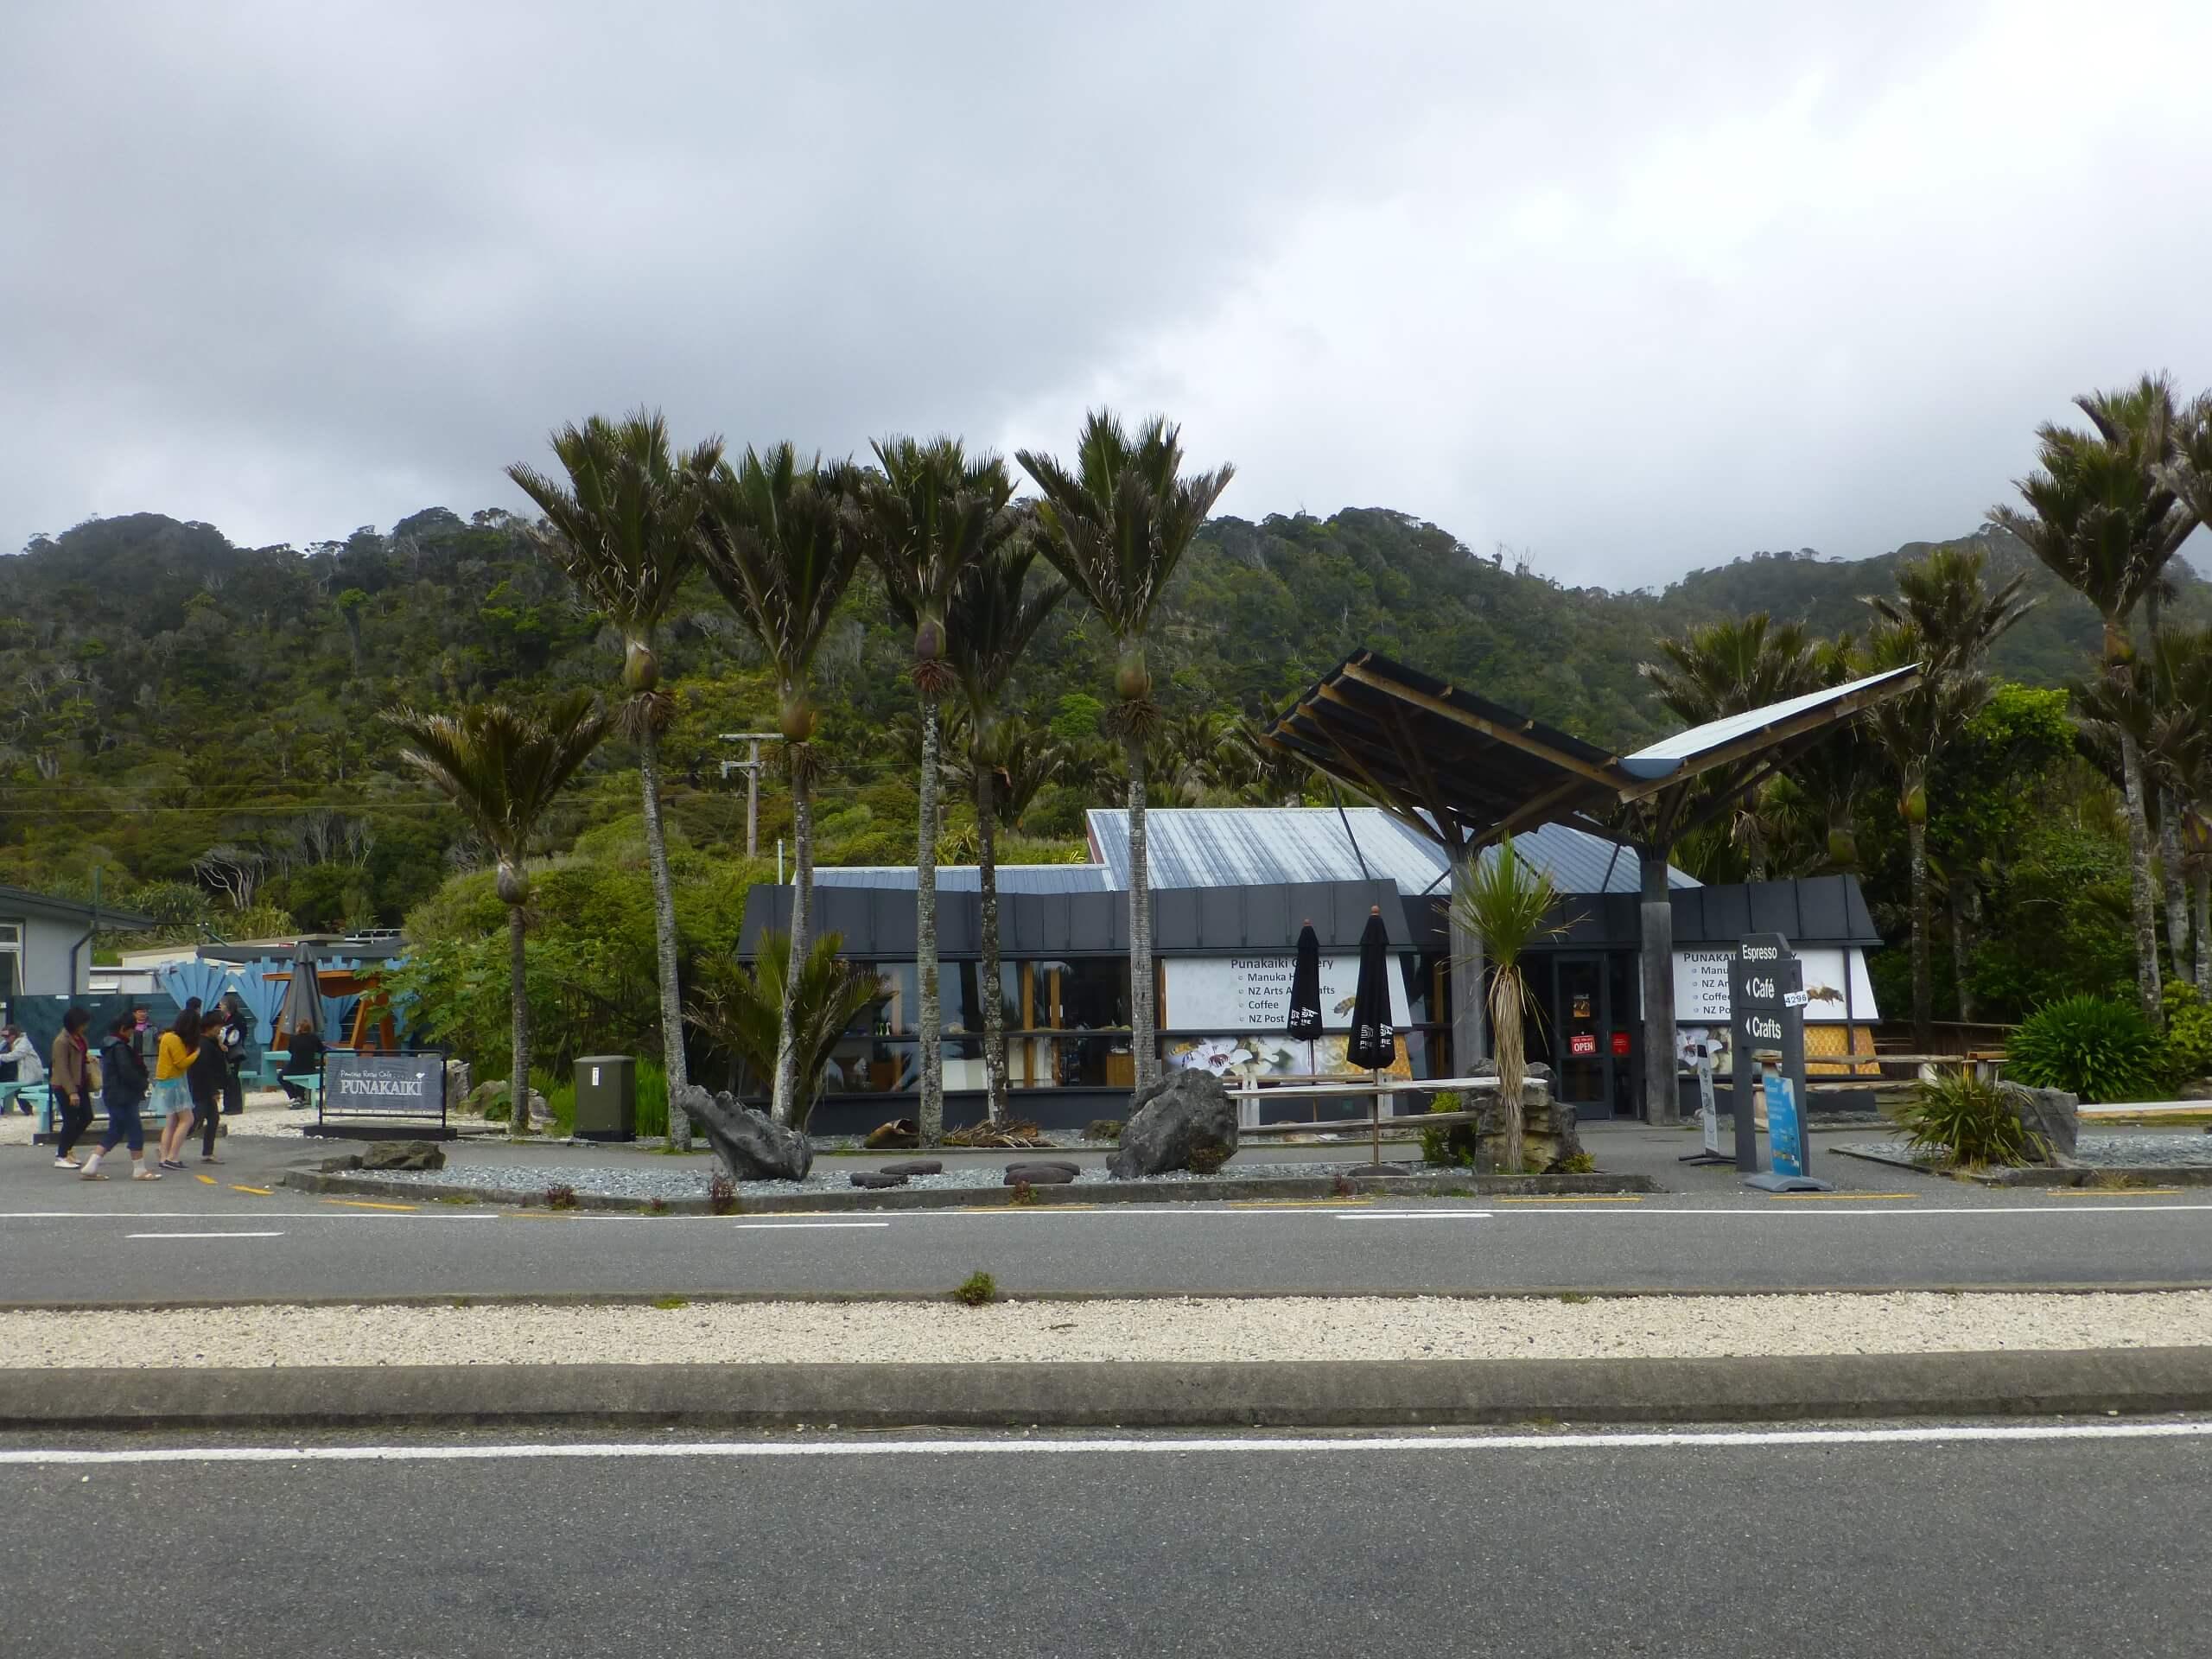 Neuseeland, Pancake Rocks Cafe 6